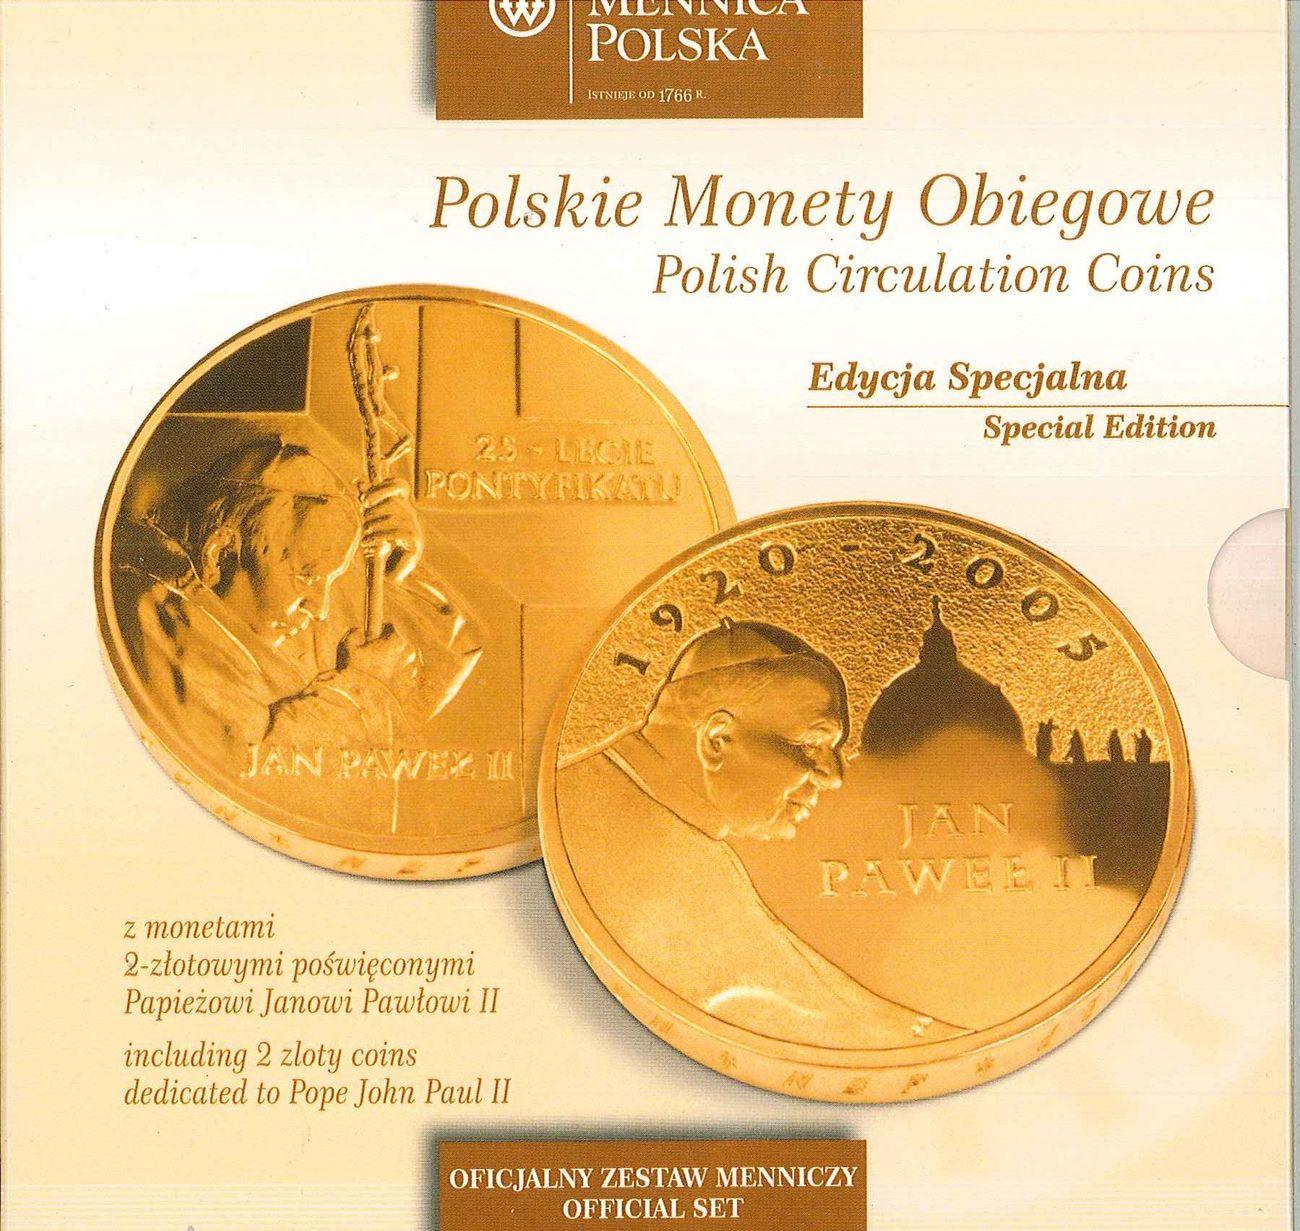 1288 Zloty Polen Polska Poland Kursmünzensatz Der Münze Warschau